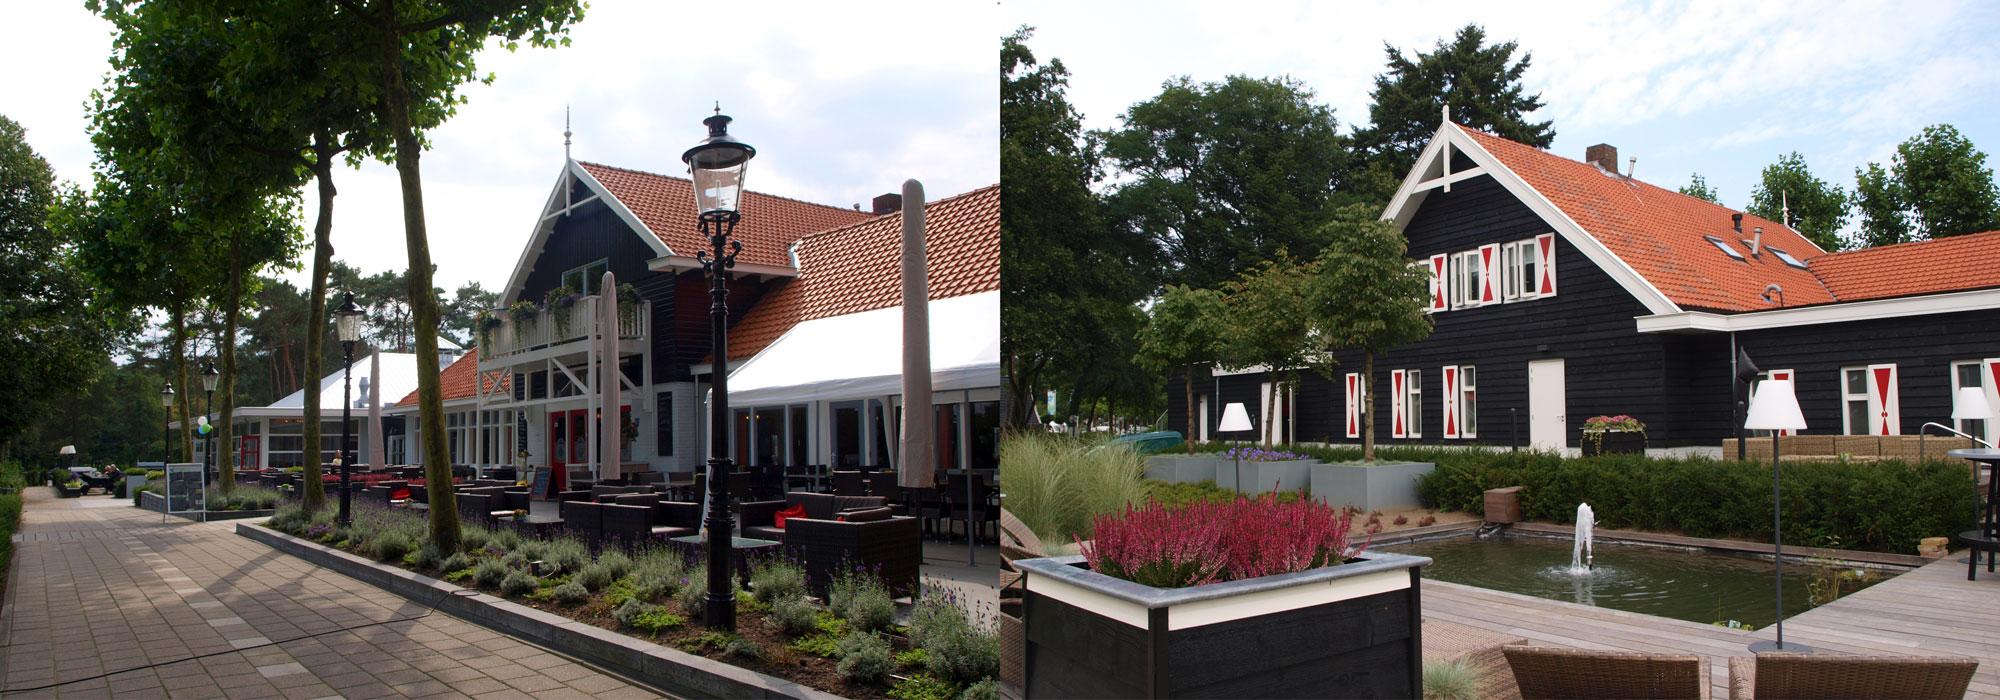 Realisatie restaurant voor- en achterzijde